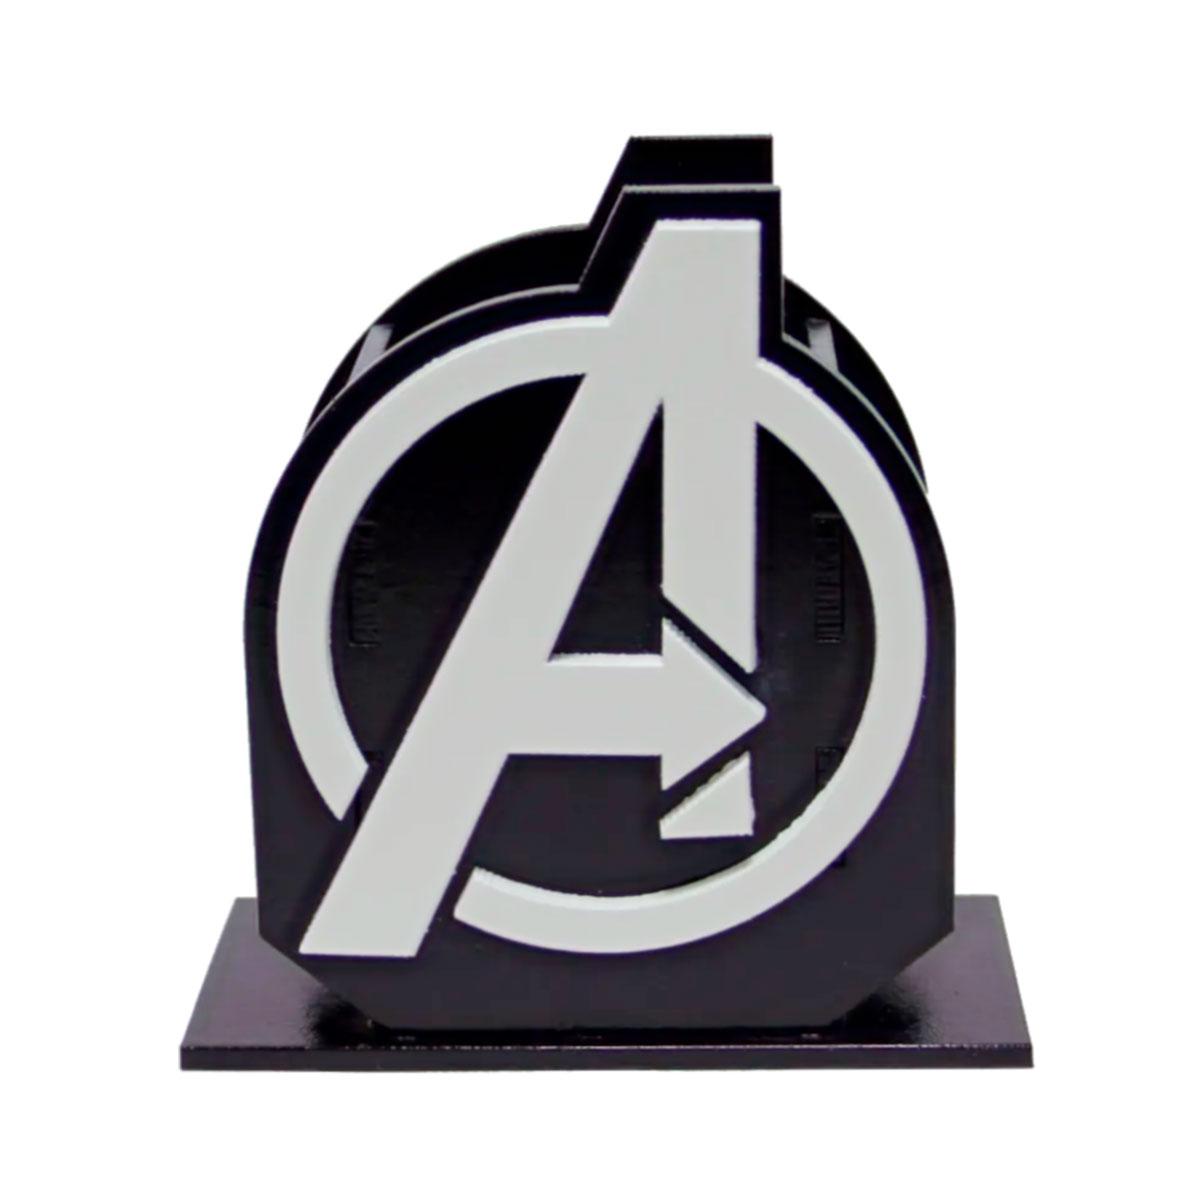 Porta Lápis Caneta E Acessórios Geek Avengers Vingadores 10x10cm - Presente Super